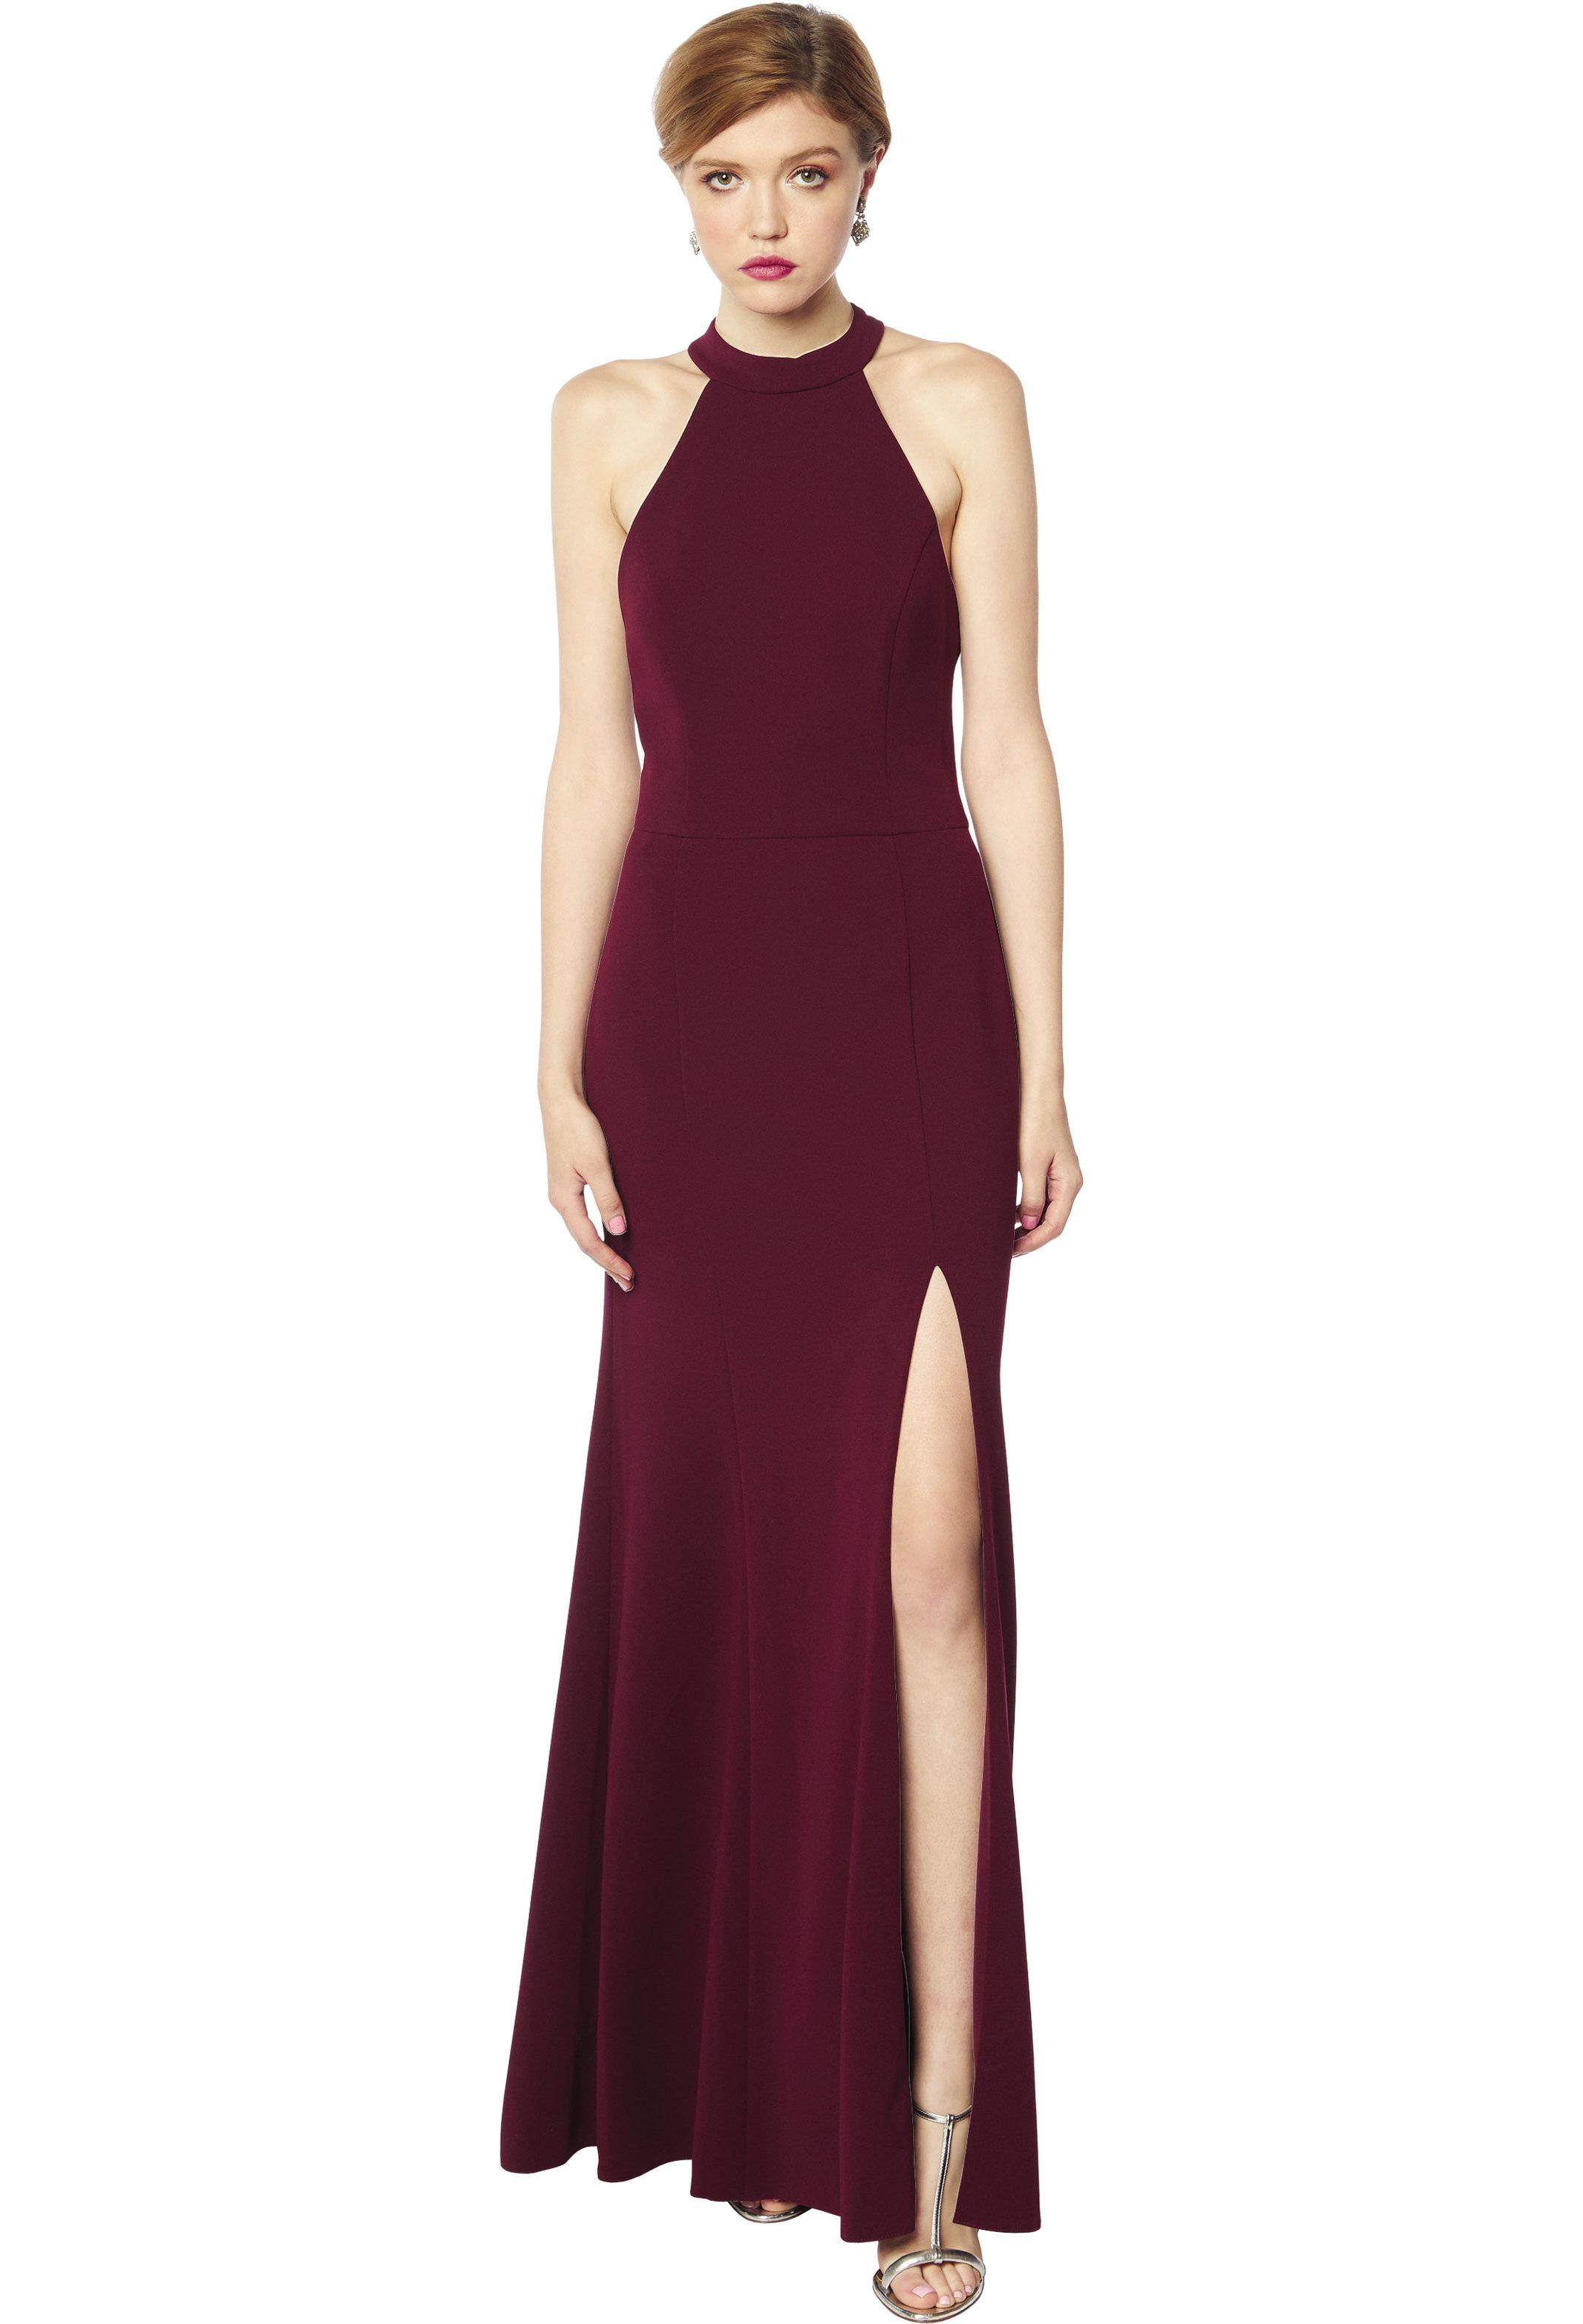 Bill Levkoff WINE Chiffon Halter Natural Waist gown, $230.00 Front